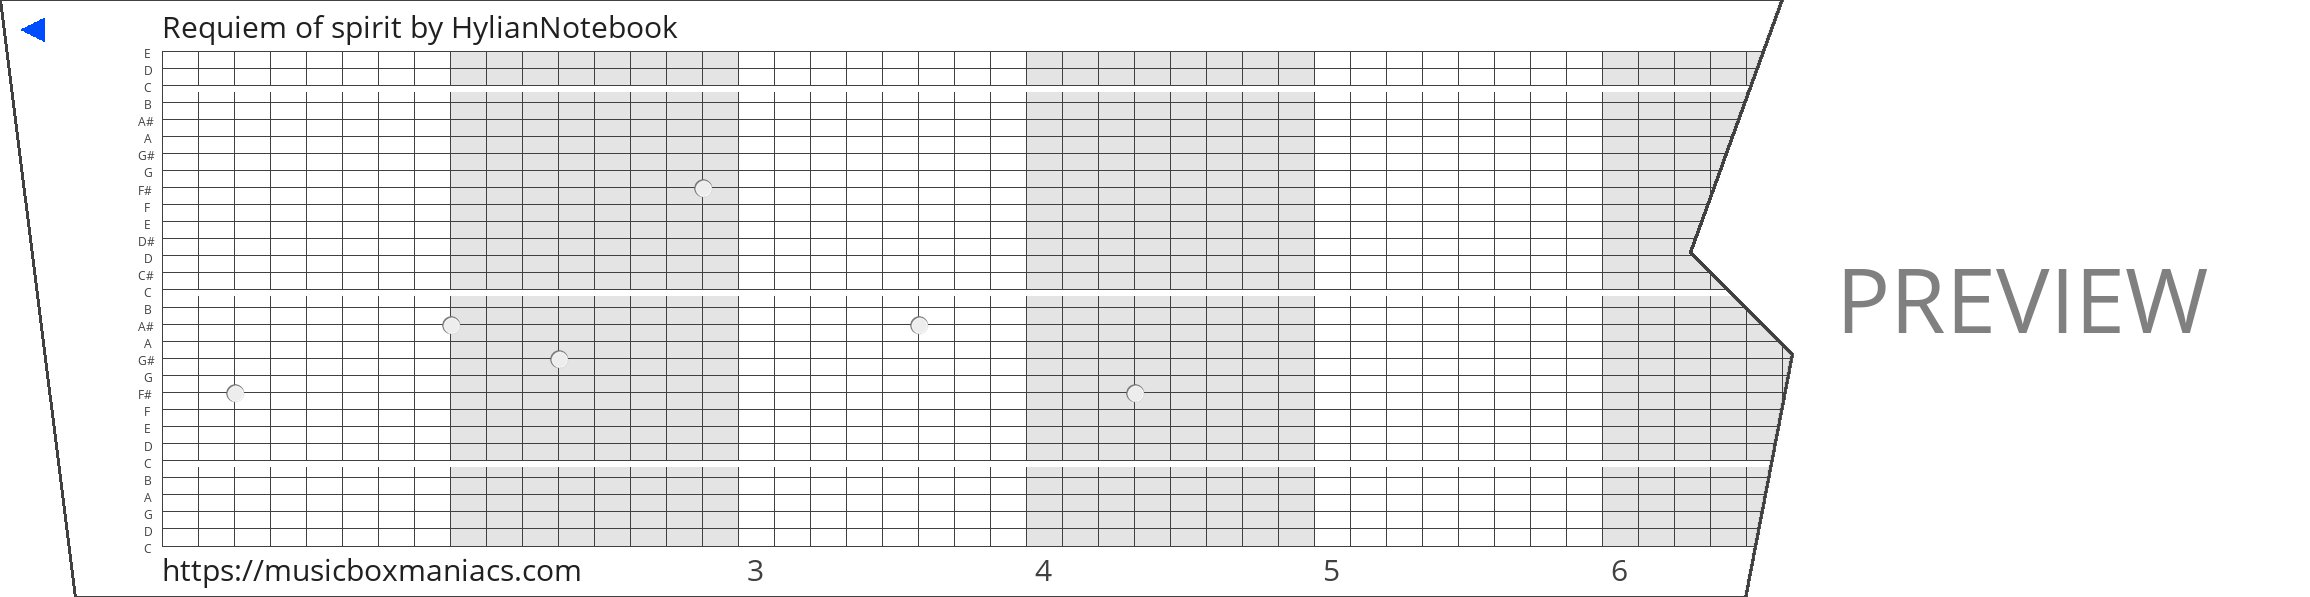 Requiem of spirit 30 note music box paper strip